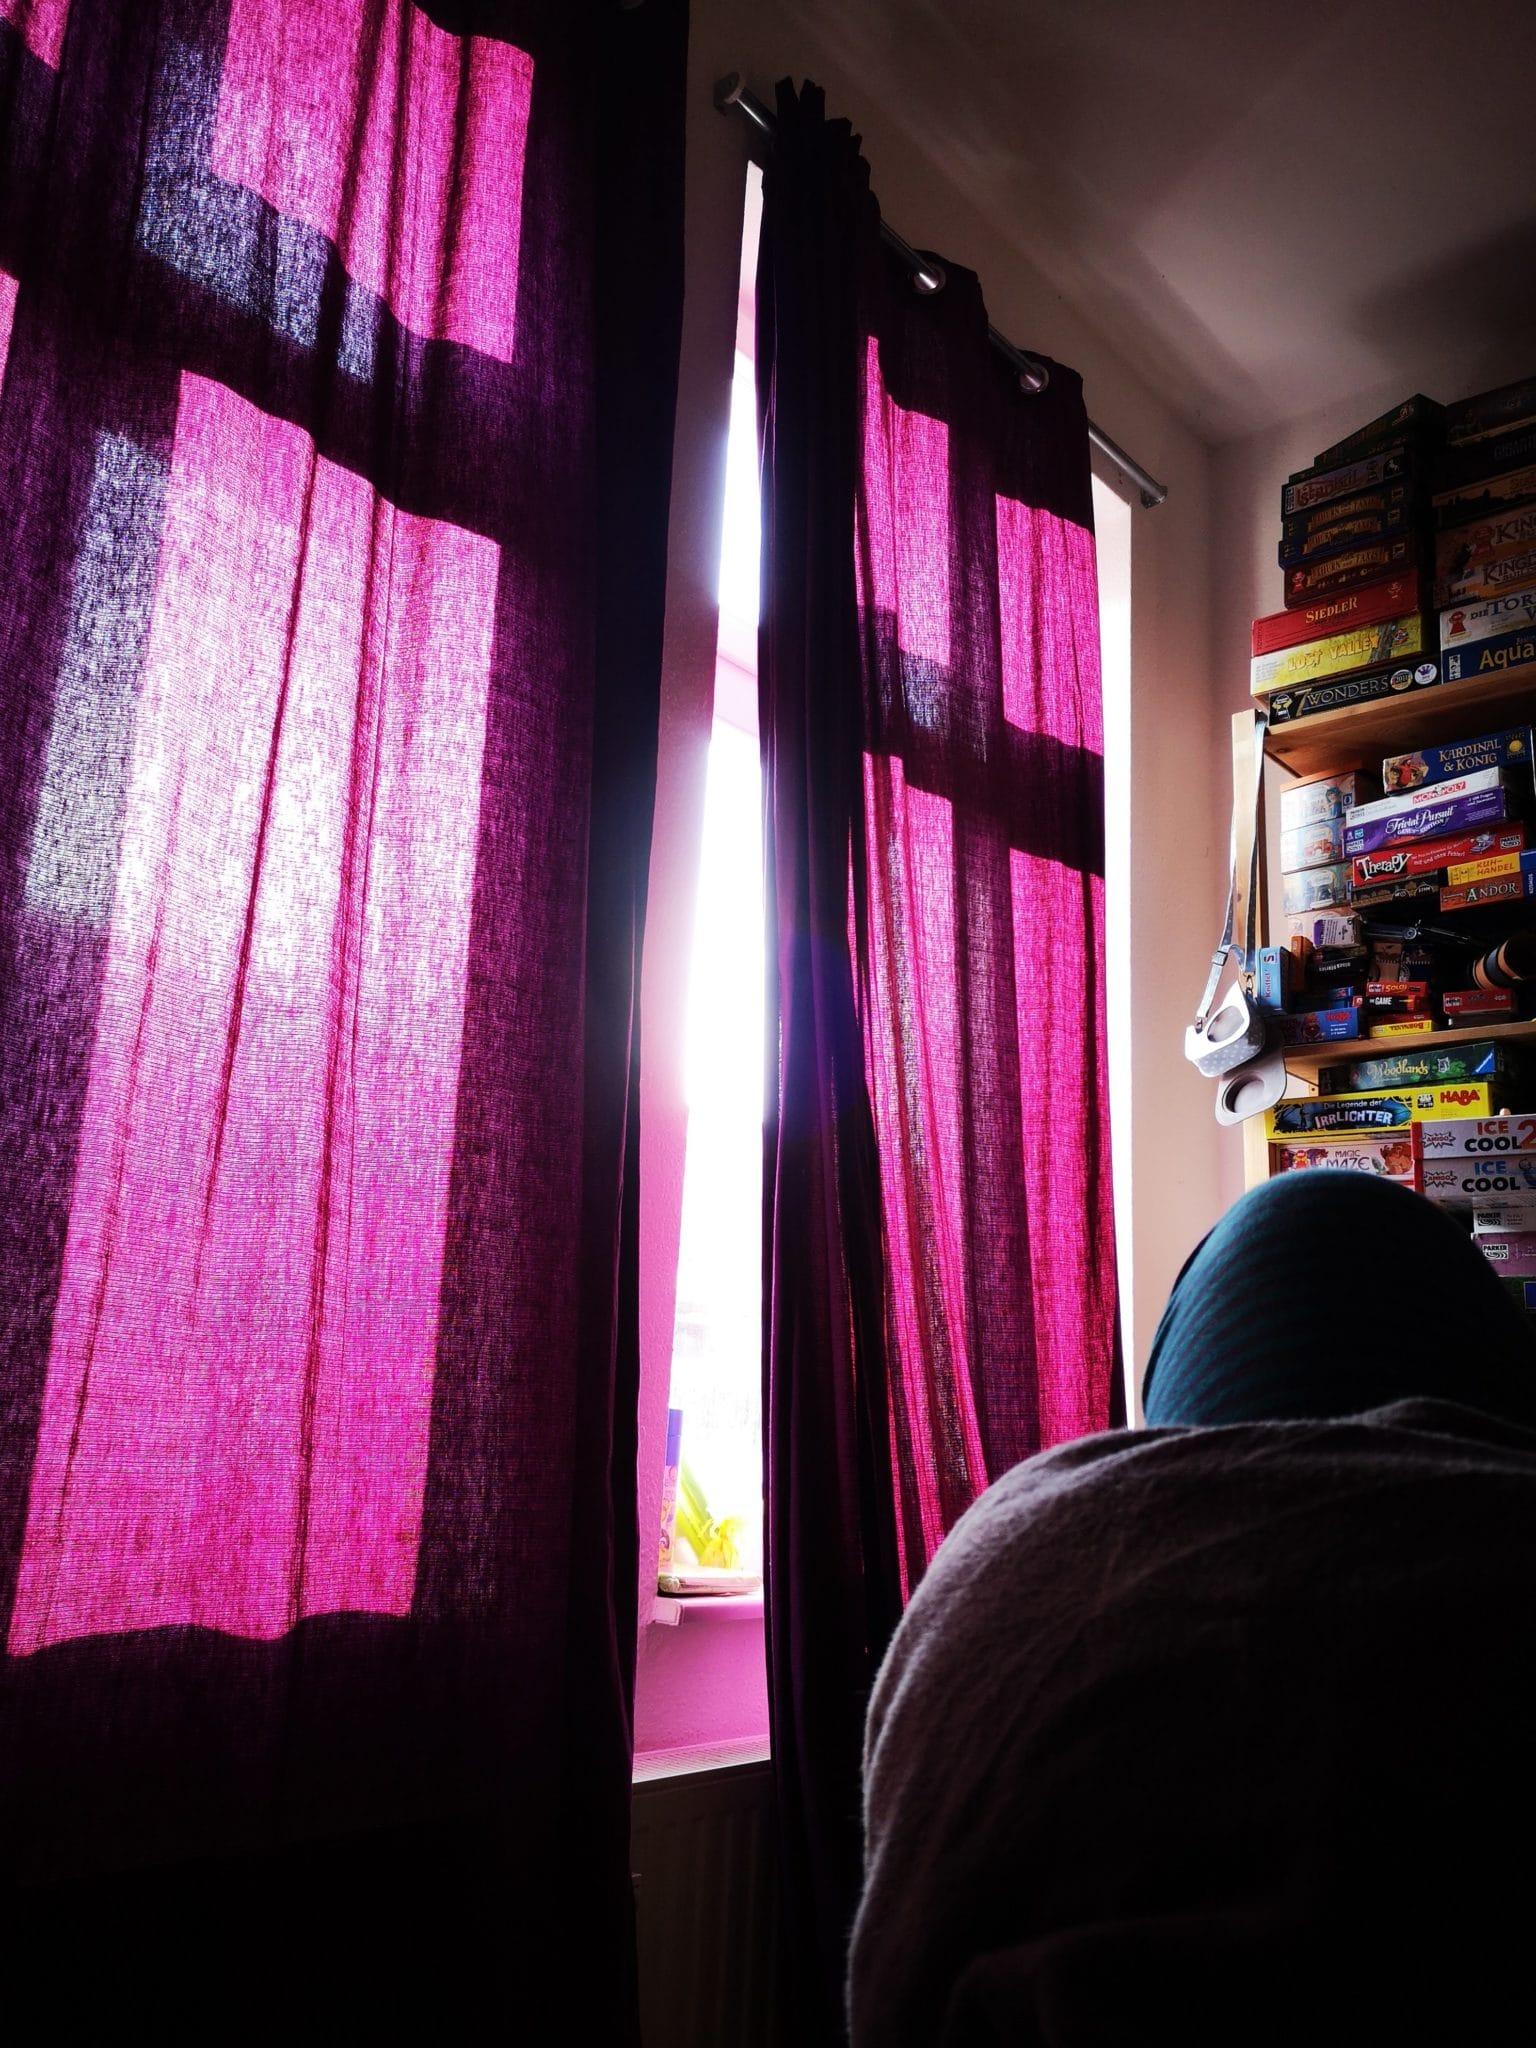 lila vorhänge, das Licht fällt in ein Zimmer hinein